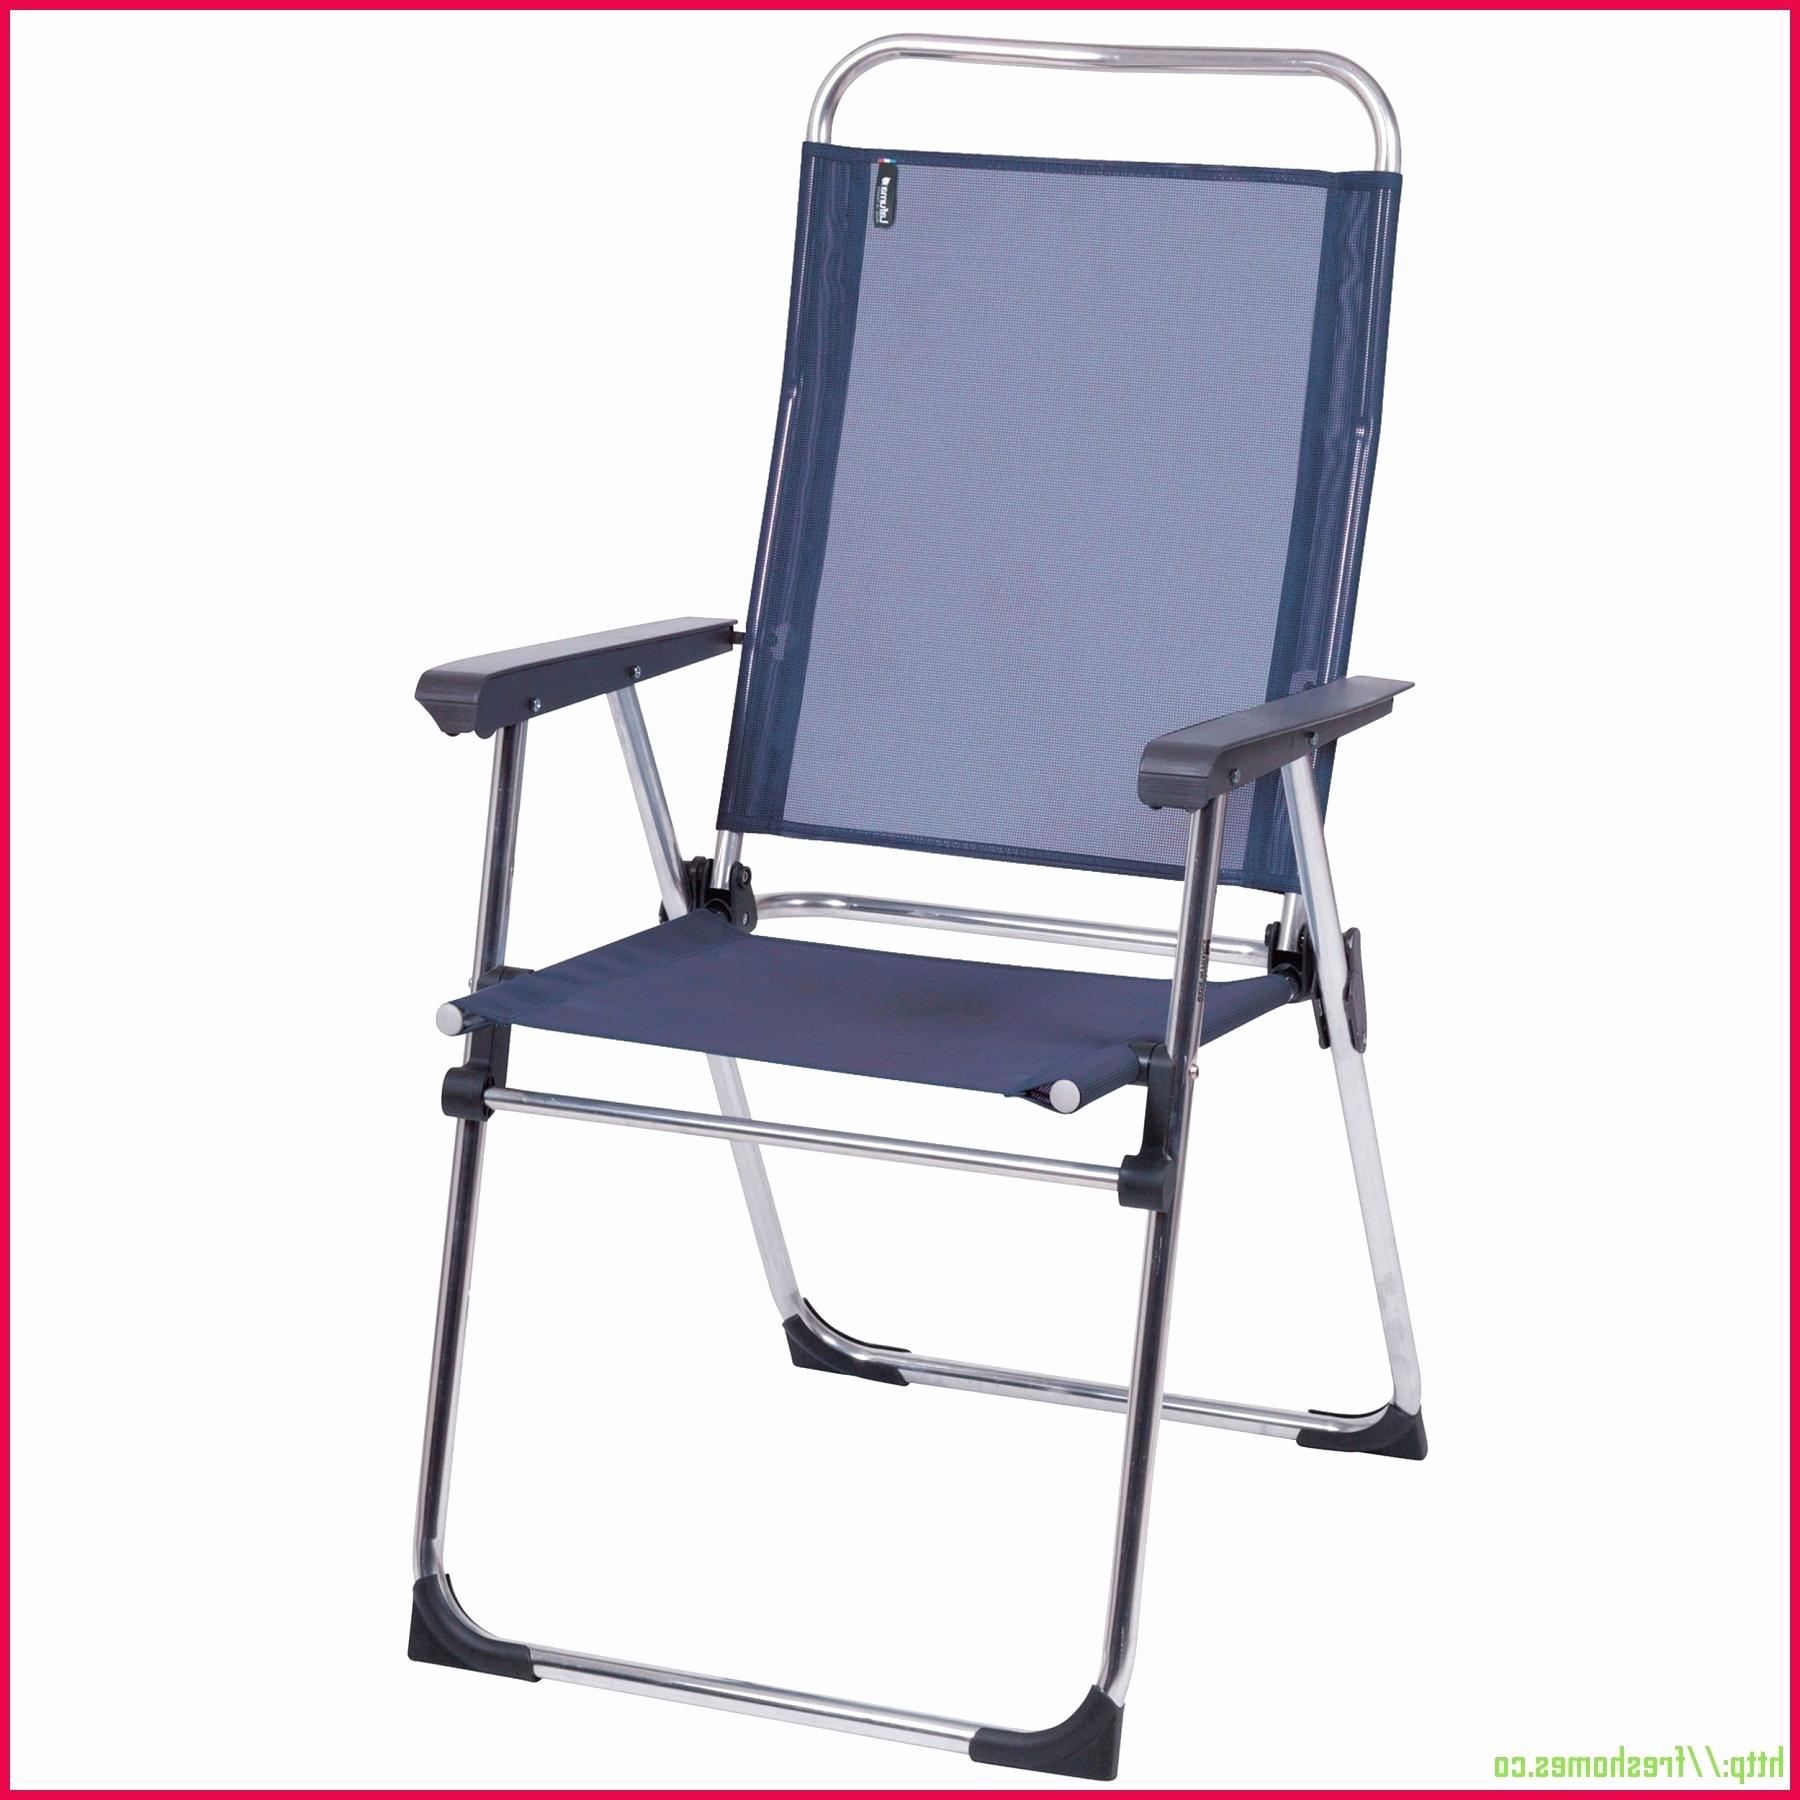 Chaise Pliante Jardin Meilleur De Pliable Frais Chaises Beau ... tout Table Et Chaise De Jardin Carrefour